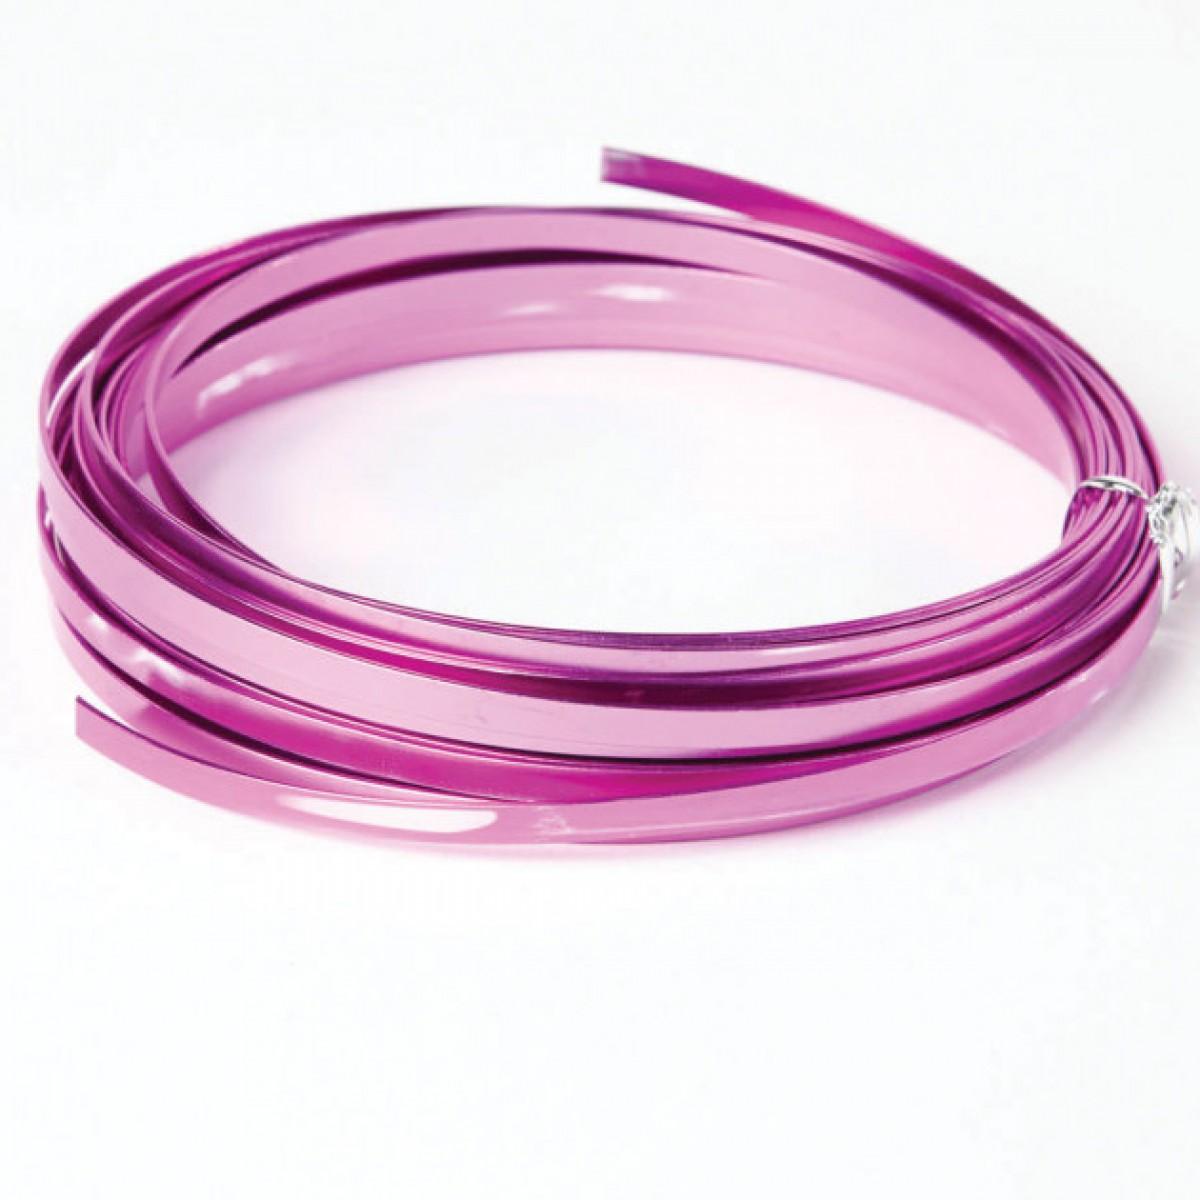 Flat Aluminium Wire Lavender 1mmx5mmx100g 1 No